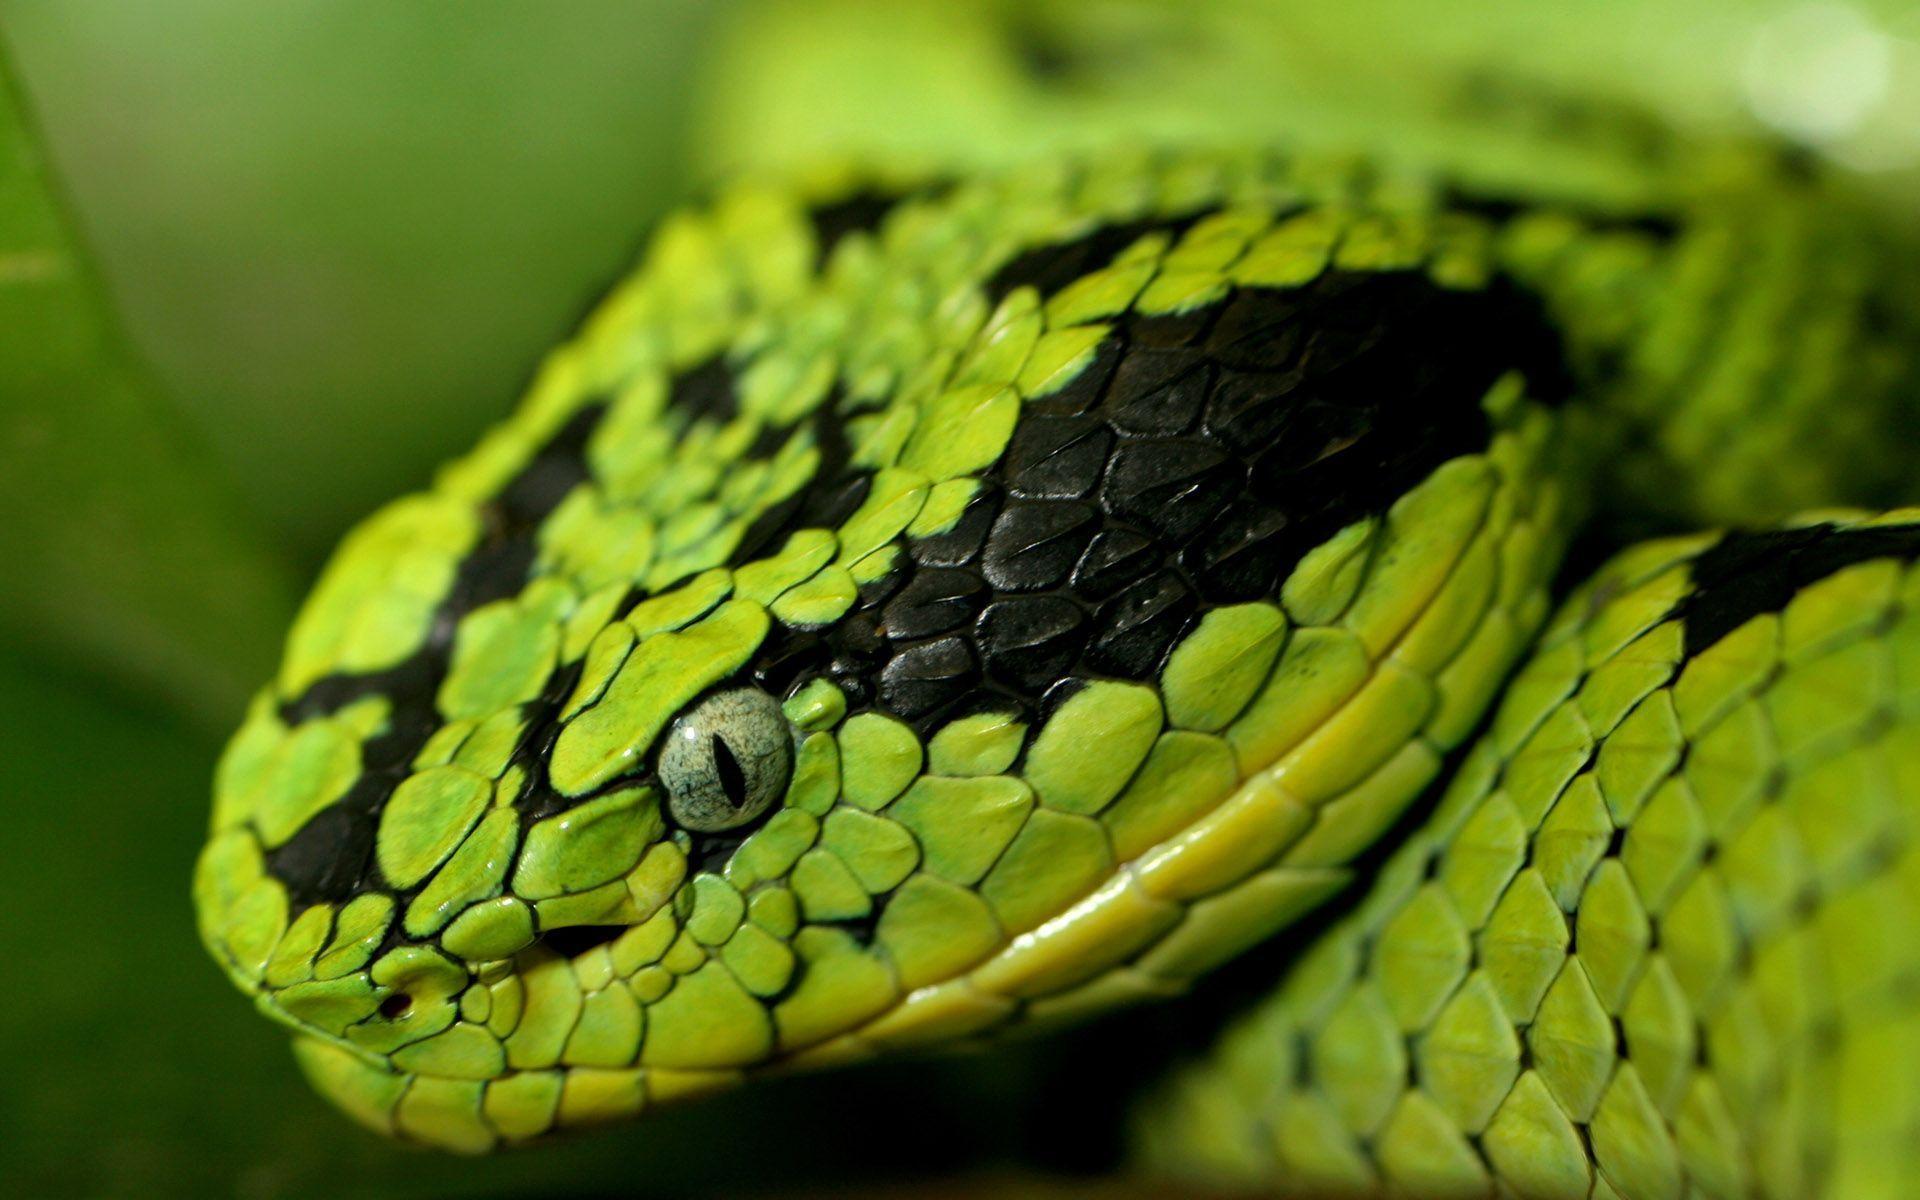 Snake wallpaper - 562657